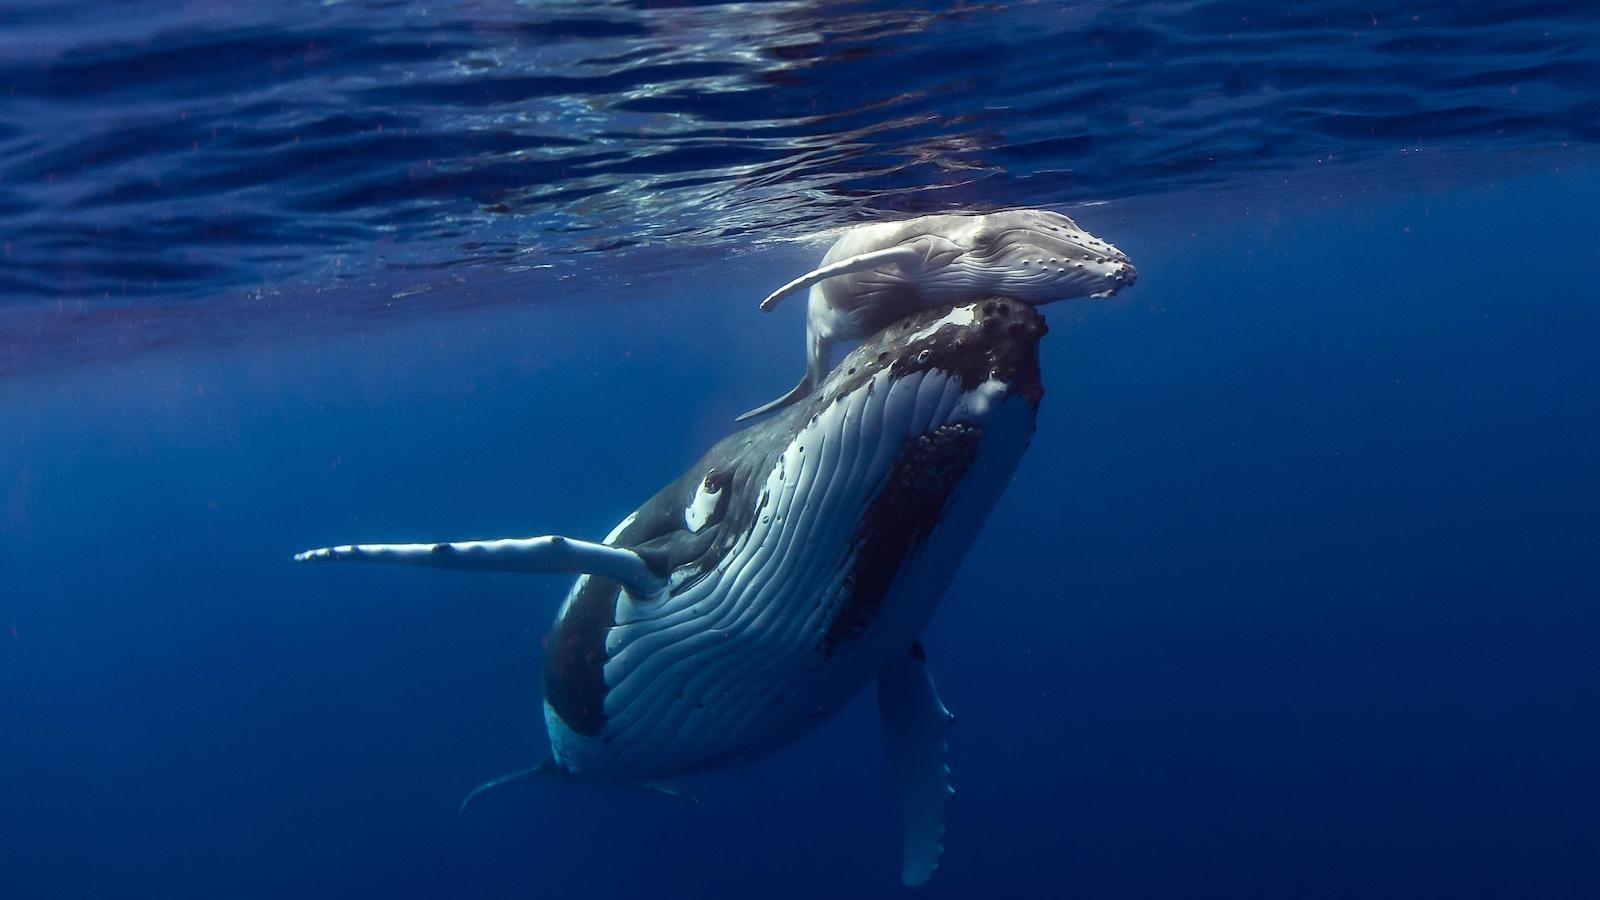 Une baleine à bosse et son baleineau photographié sous l'eau.